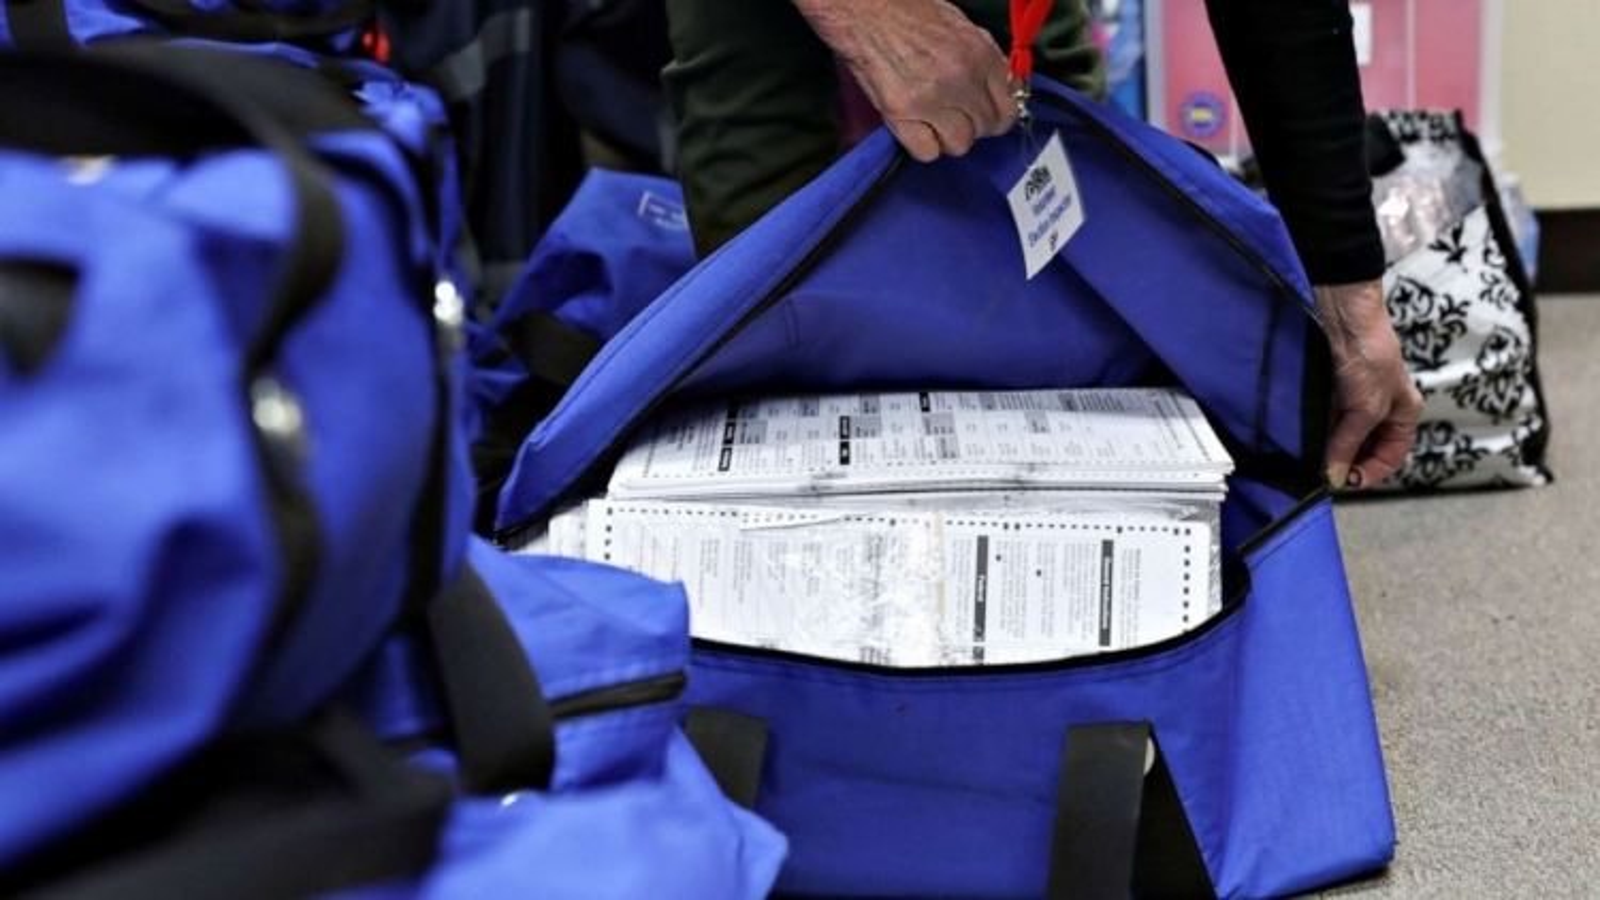 Bầu cử Mỹ: Việc kiểm phiếu lại ở các bang chiến địa diễn ra như thế nào?